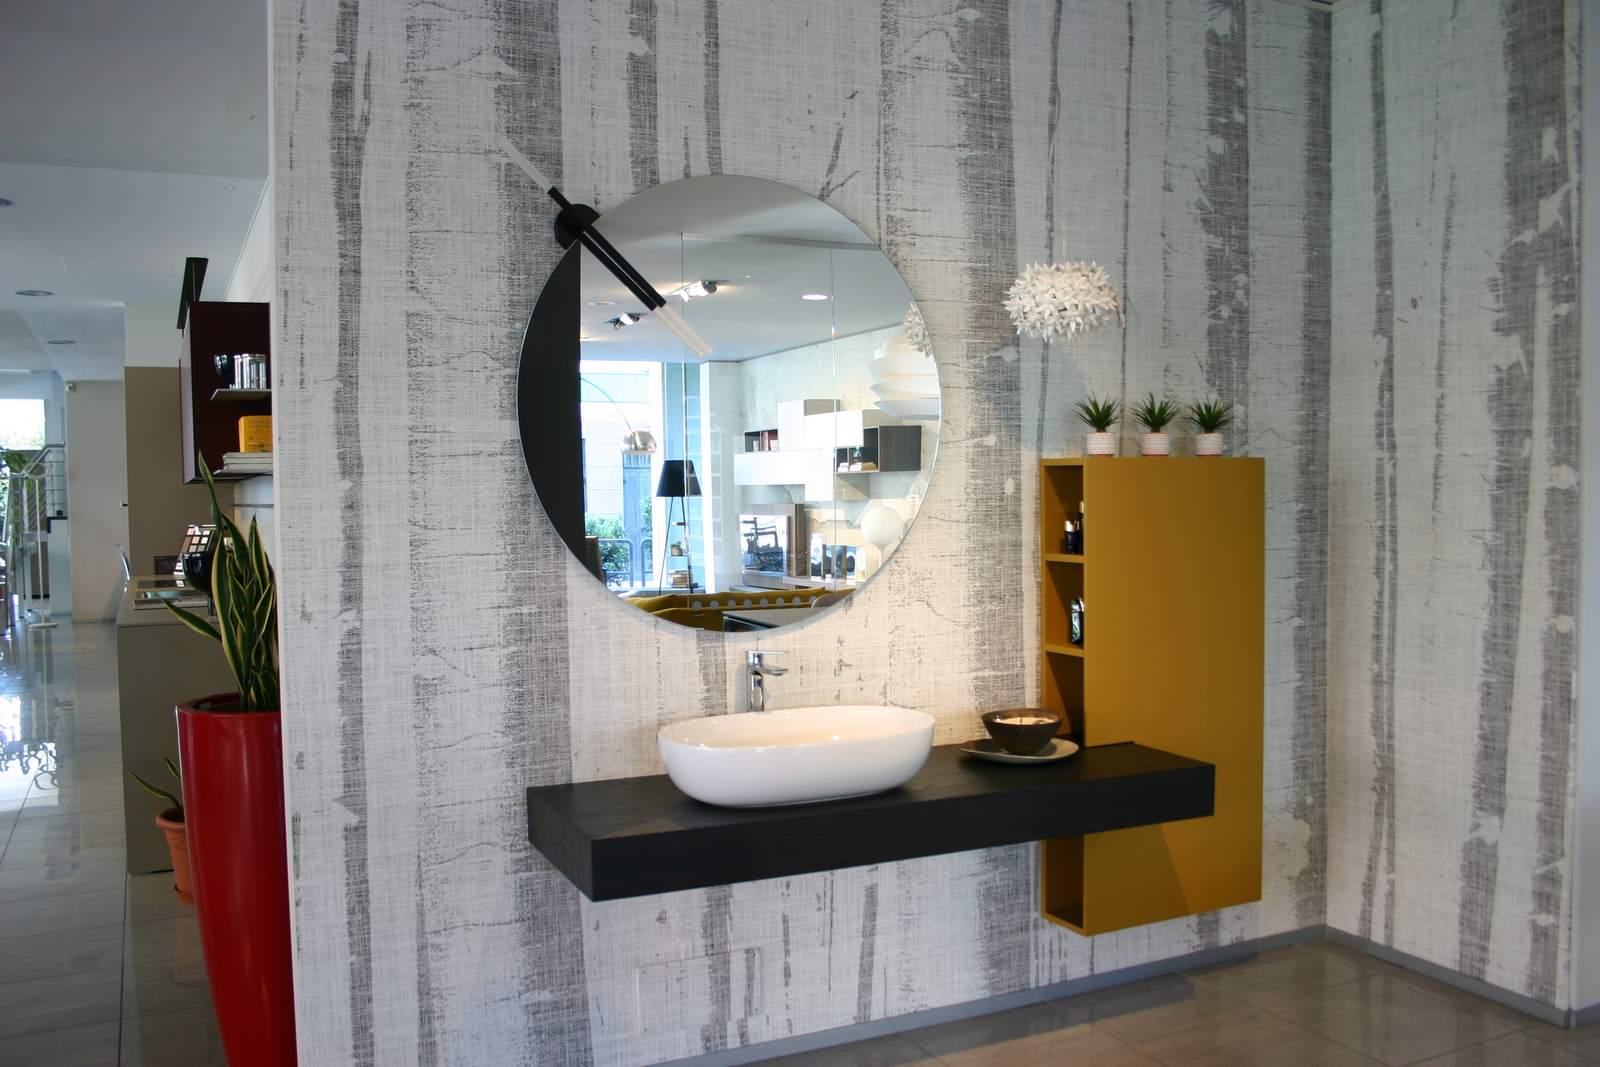 mobile-da-bagno-La-Casa-Moderna-con-lavabo-soprapiano-in-ceramica-bianca-con-colonna-sagomata-laccata-curry-con-piano-legno-castagno-fuliggine-in-esposizione-a-Zogno-Bergamo.jpg